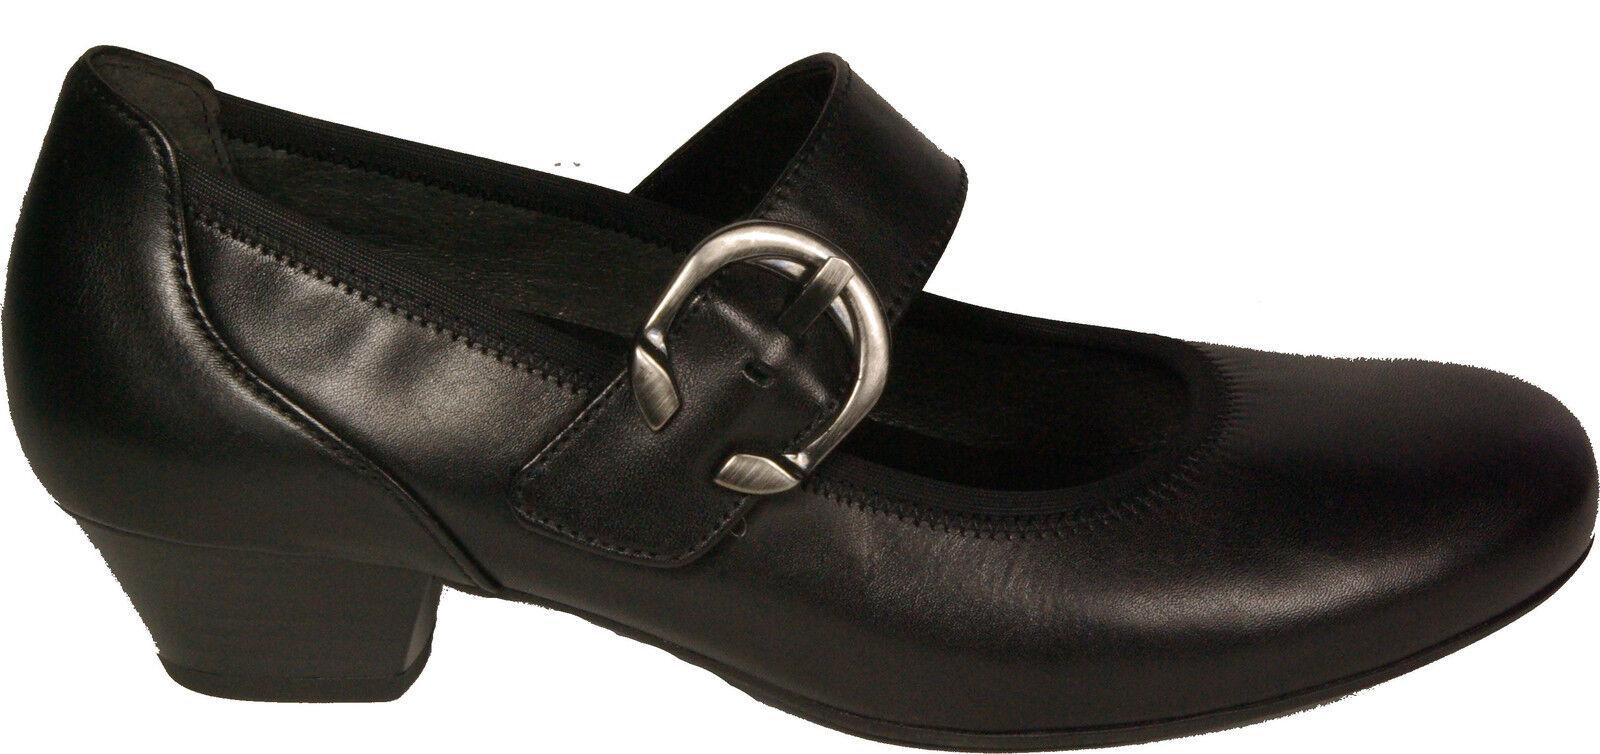 Gabor Chaussures Escarpins Mary Jane Noir en Cuir Véritable H-Large, paragraphe 35 mm NEUF Semelle Intérieure